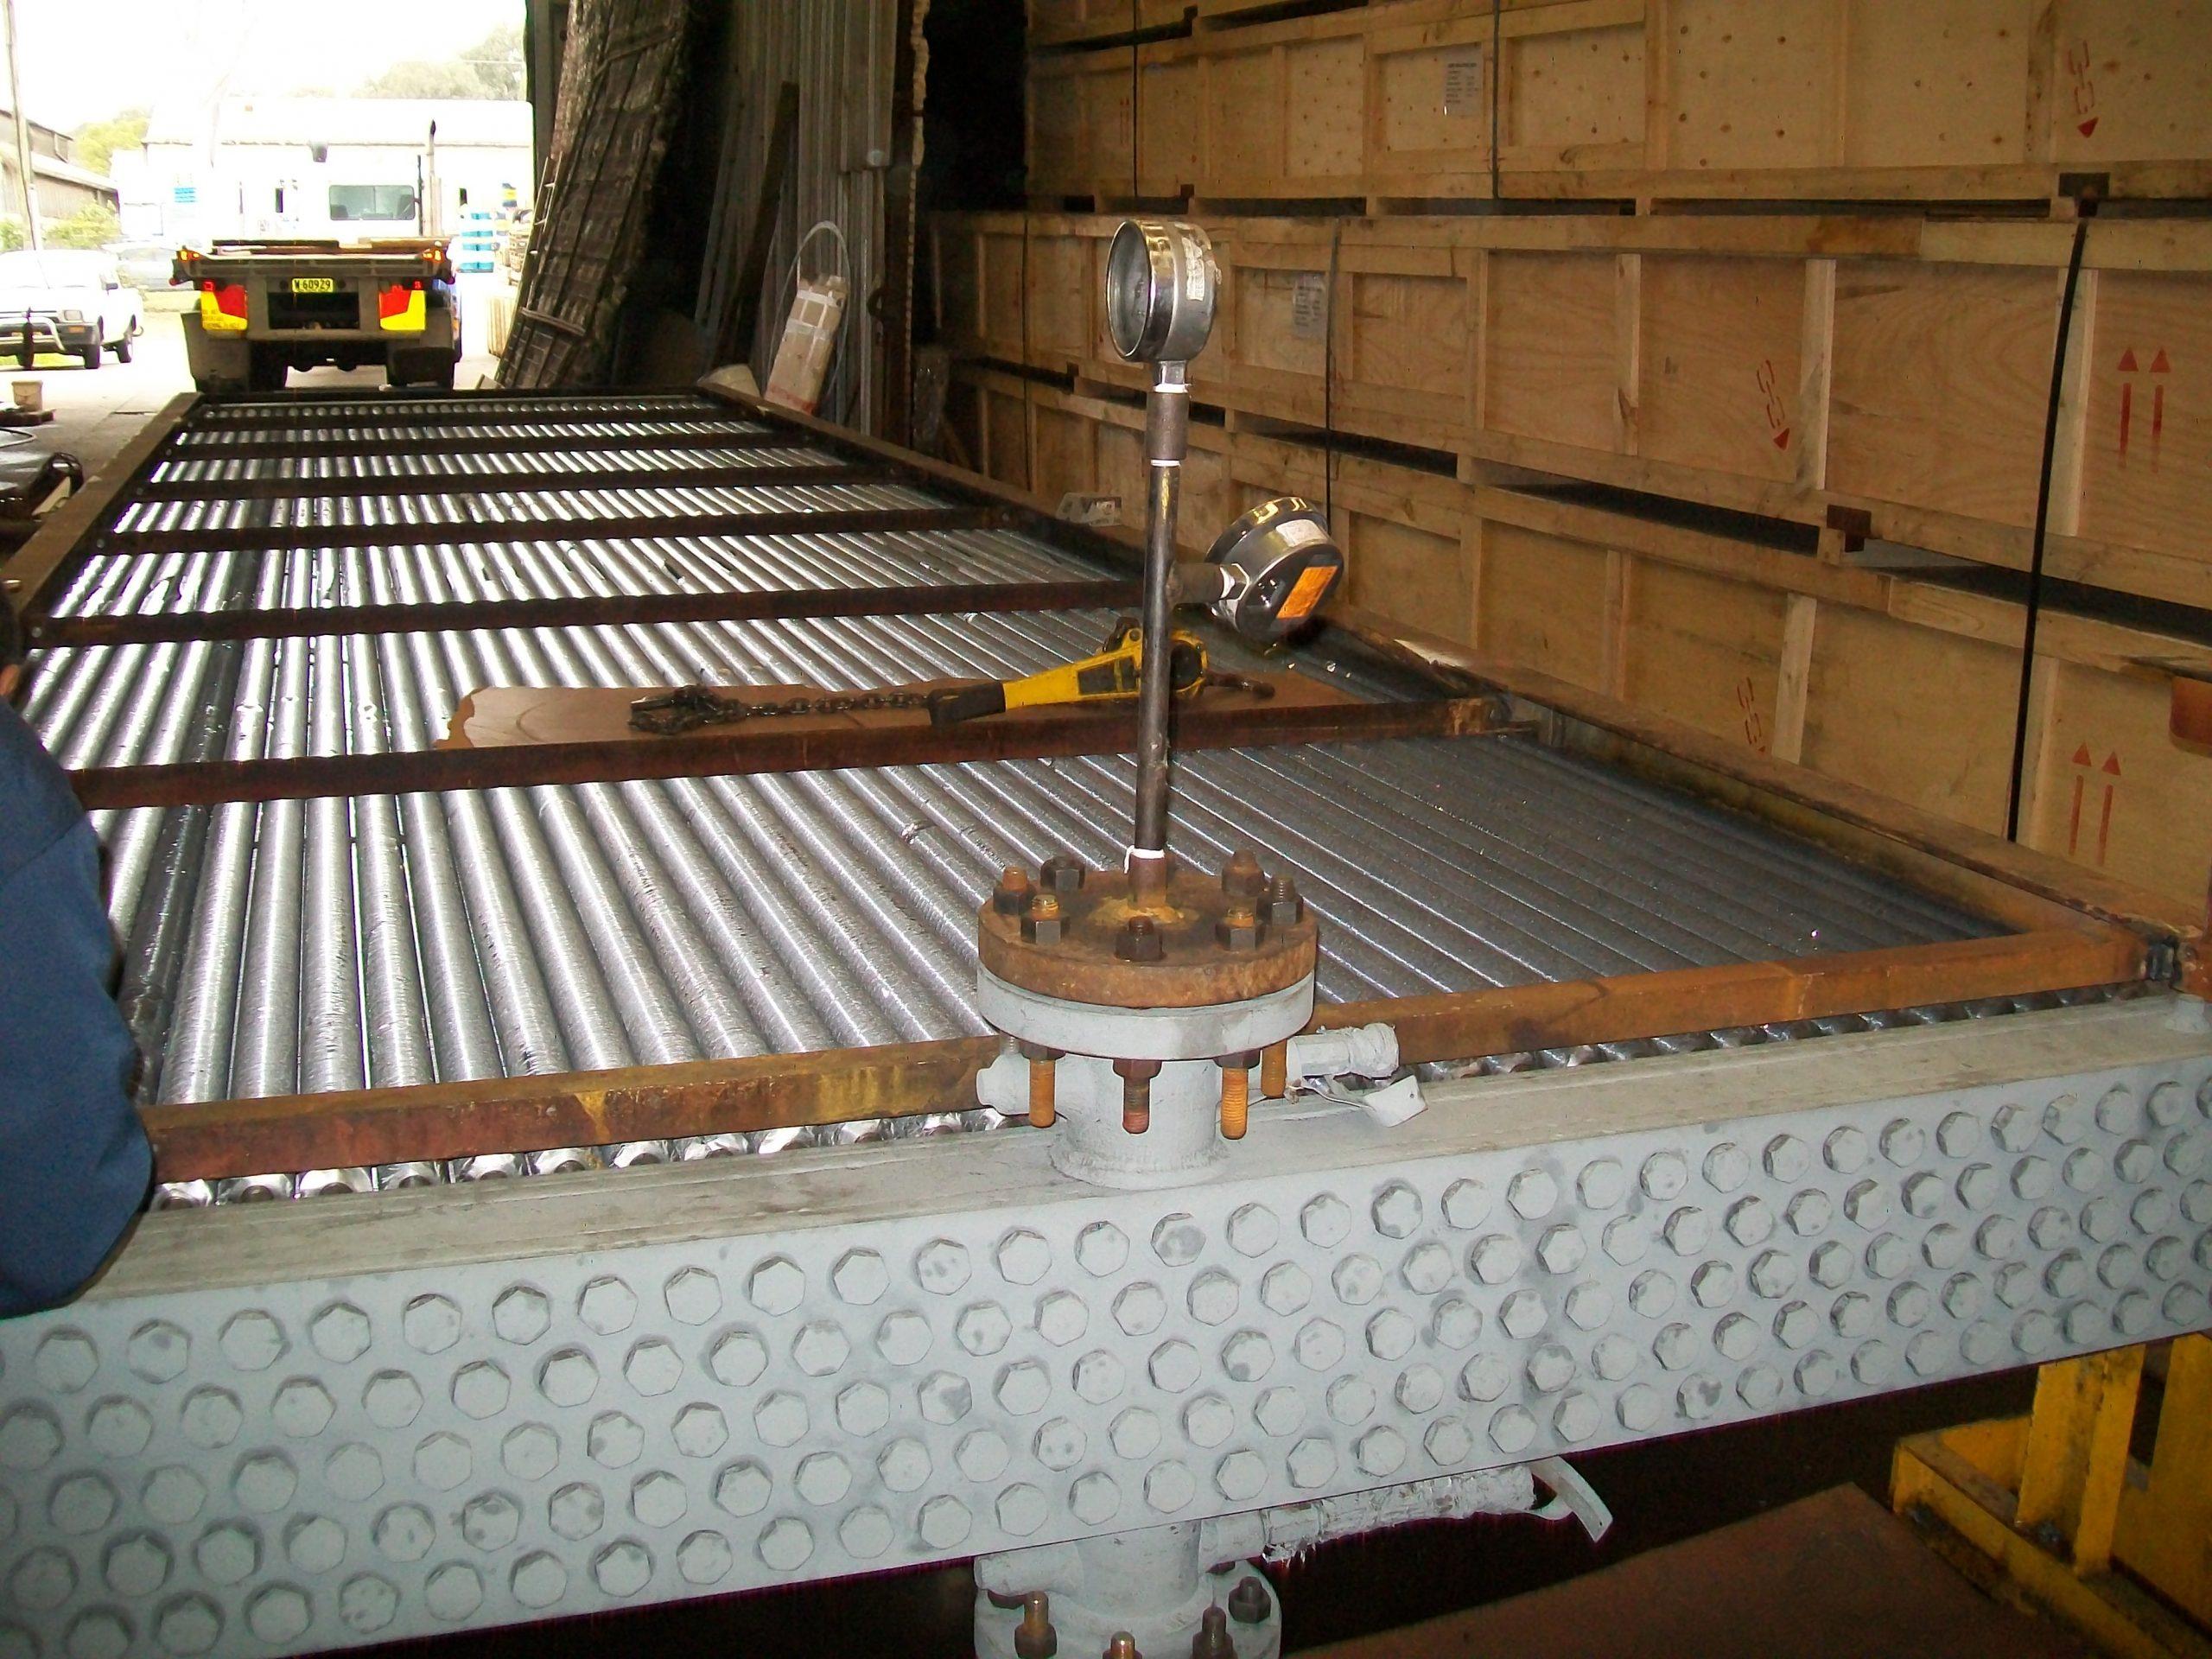 LA2776 - Caltex, Re-tube - 5, Under hydro (018, 2011-05-24)